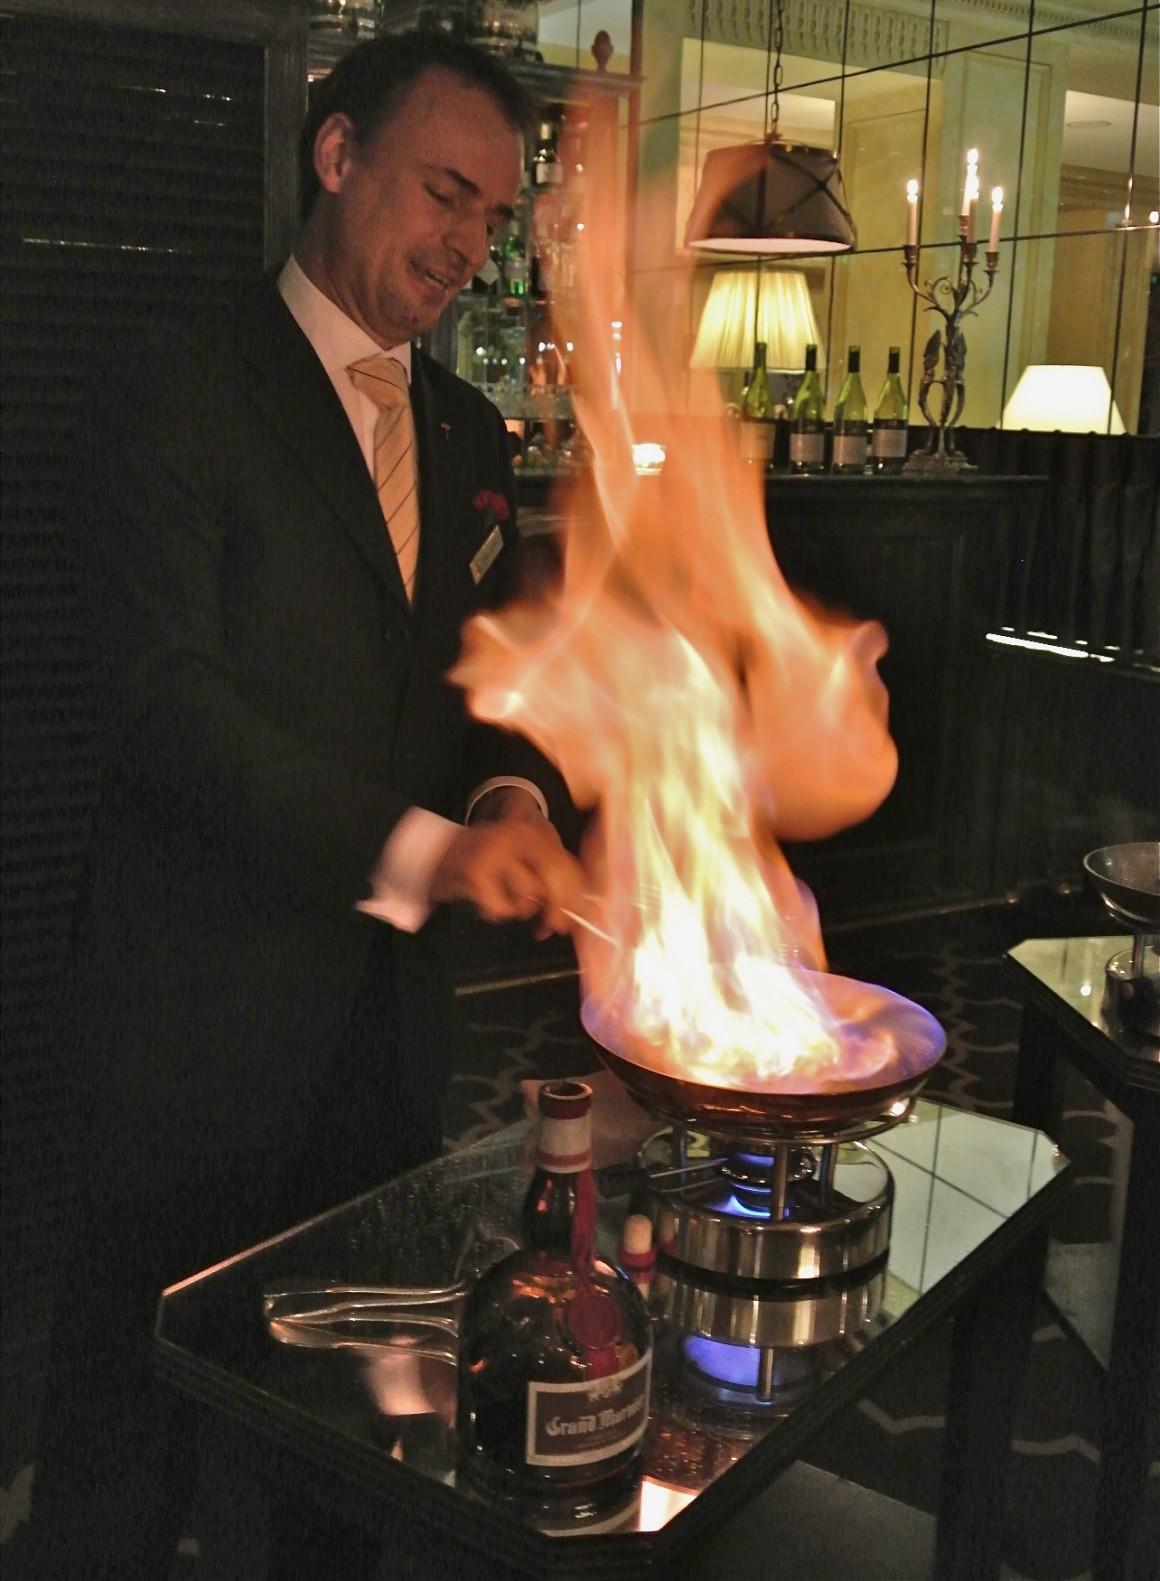 Le maitre d'hôtel en plein flambage de crête suzette flambée dans sa recette la plus traditionnelle: Remarque: Une crêpe Suzette est un dessert français créé par Auguste Escoffier composé d'une crêpe au beurre Suzette, une sauce à base de sucre caramélisé et de beurre, de jus de mandarine ou d'orange, de zeste et de liqueur Grand Marnier ou de Curaçao. Les crêpes Suzette sont généralement servies flambées, même si certains ouvrages de cuisine notent que dans la recette originale, elles sont servies non flambées.